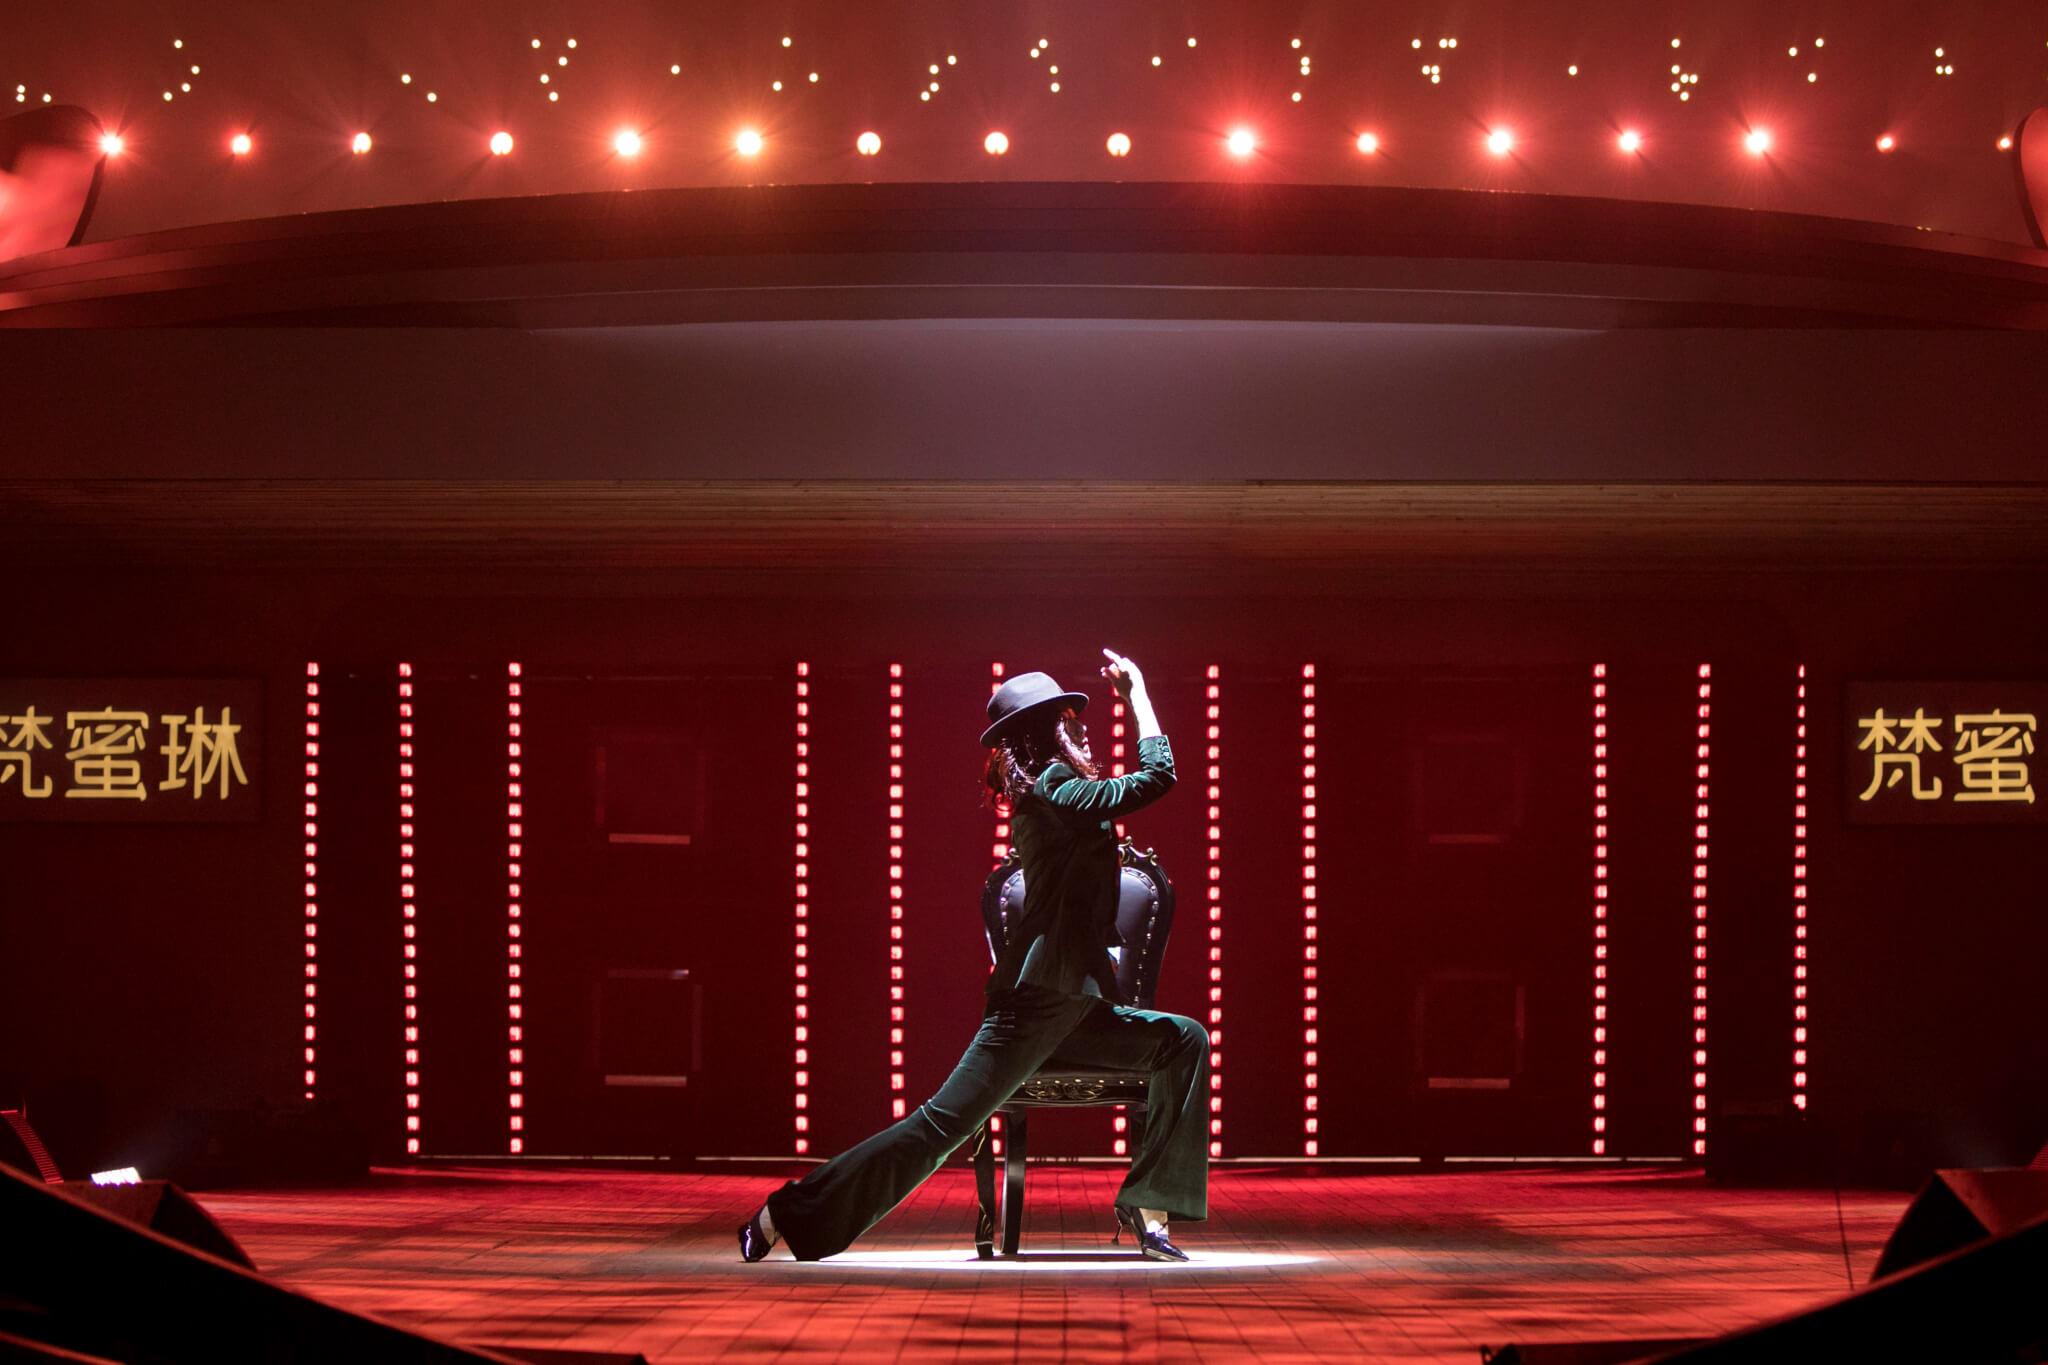 為了以最好狀態演出,松松事前已開始練歌。